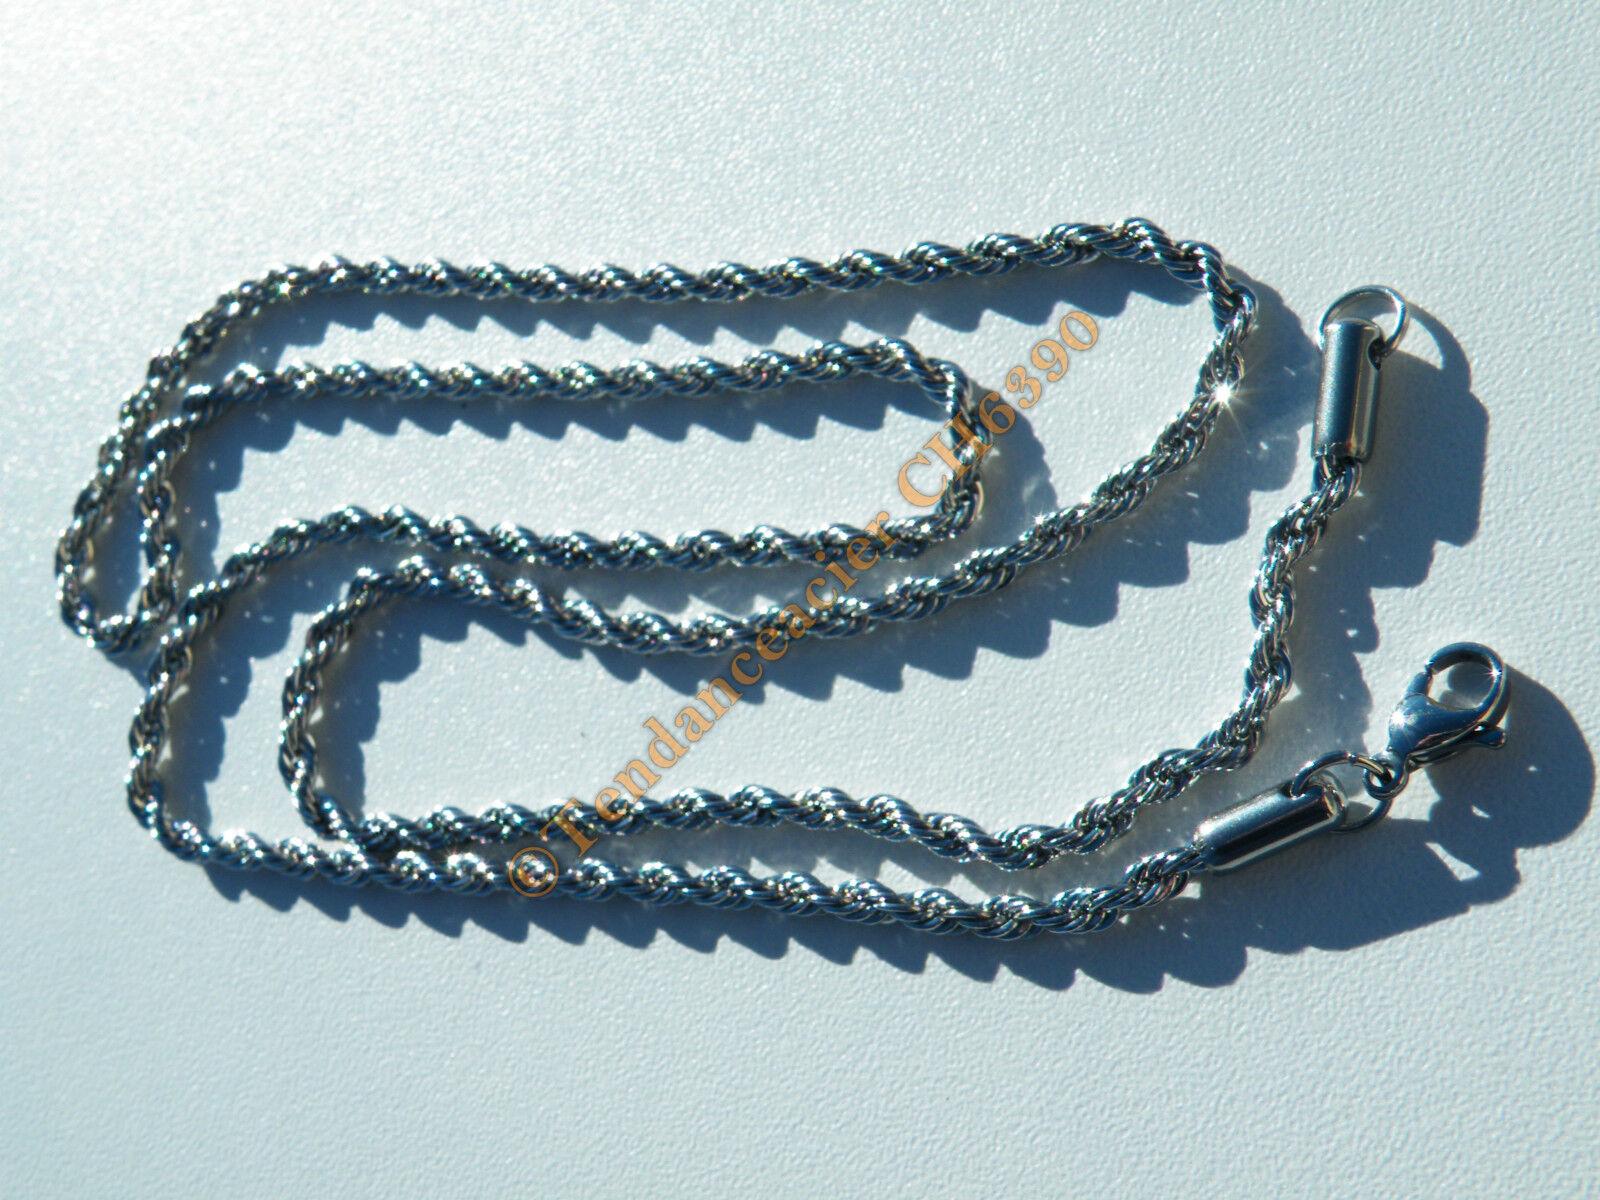 Chaine Longue Collier 60 cm silver Pur Acier Inoxydable Maille Torsadé Wire 3 mm